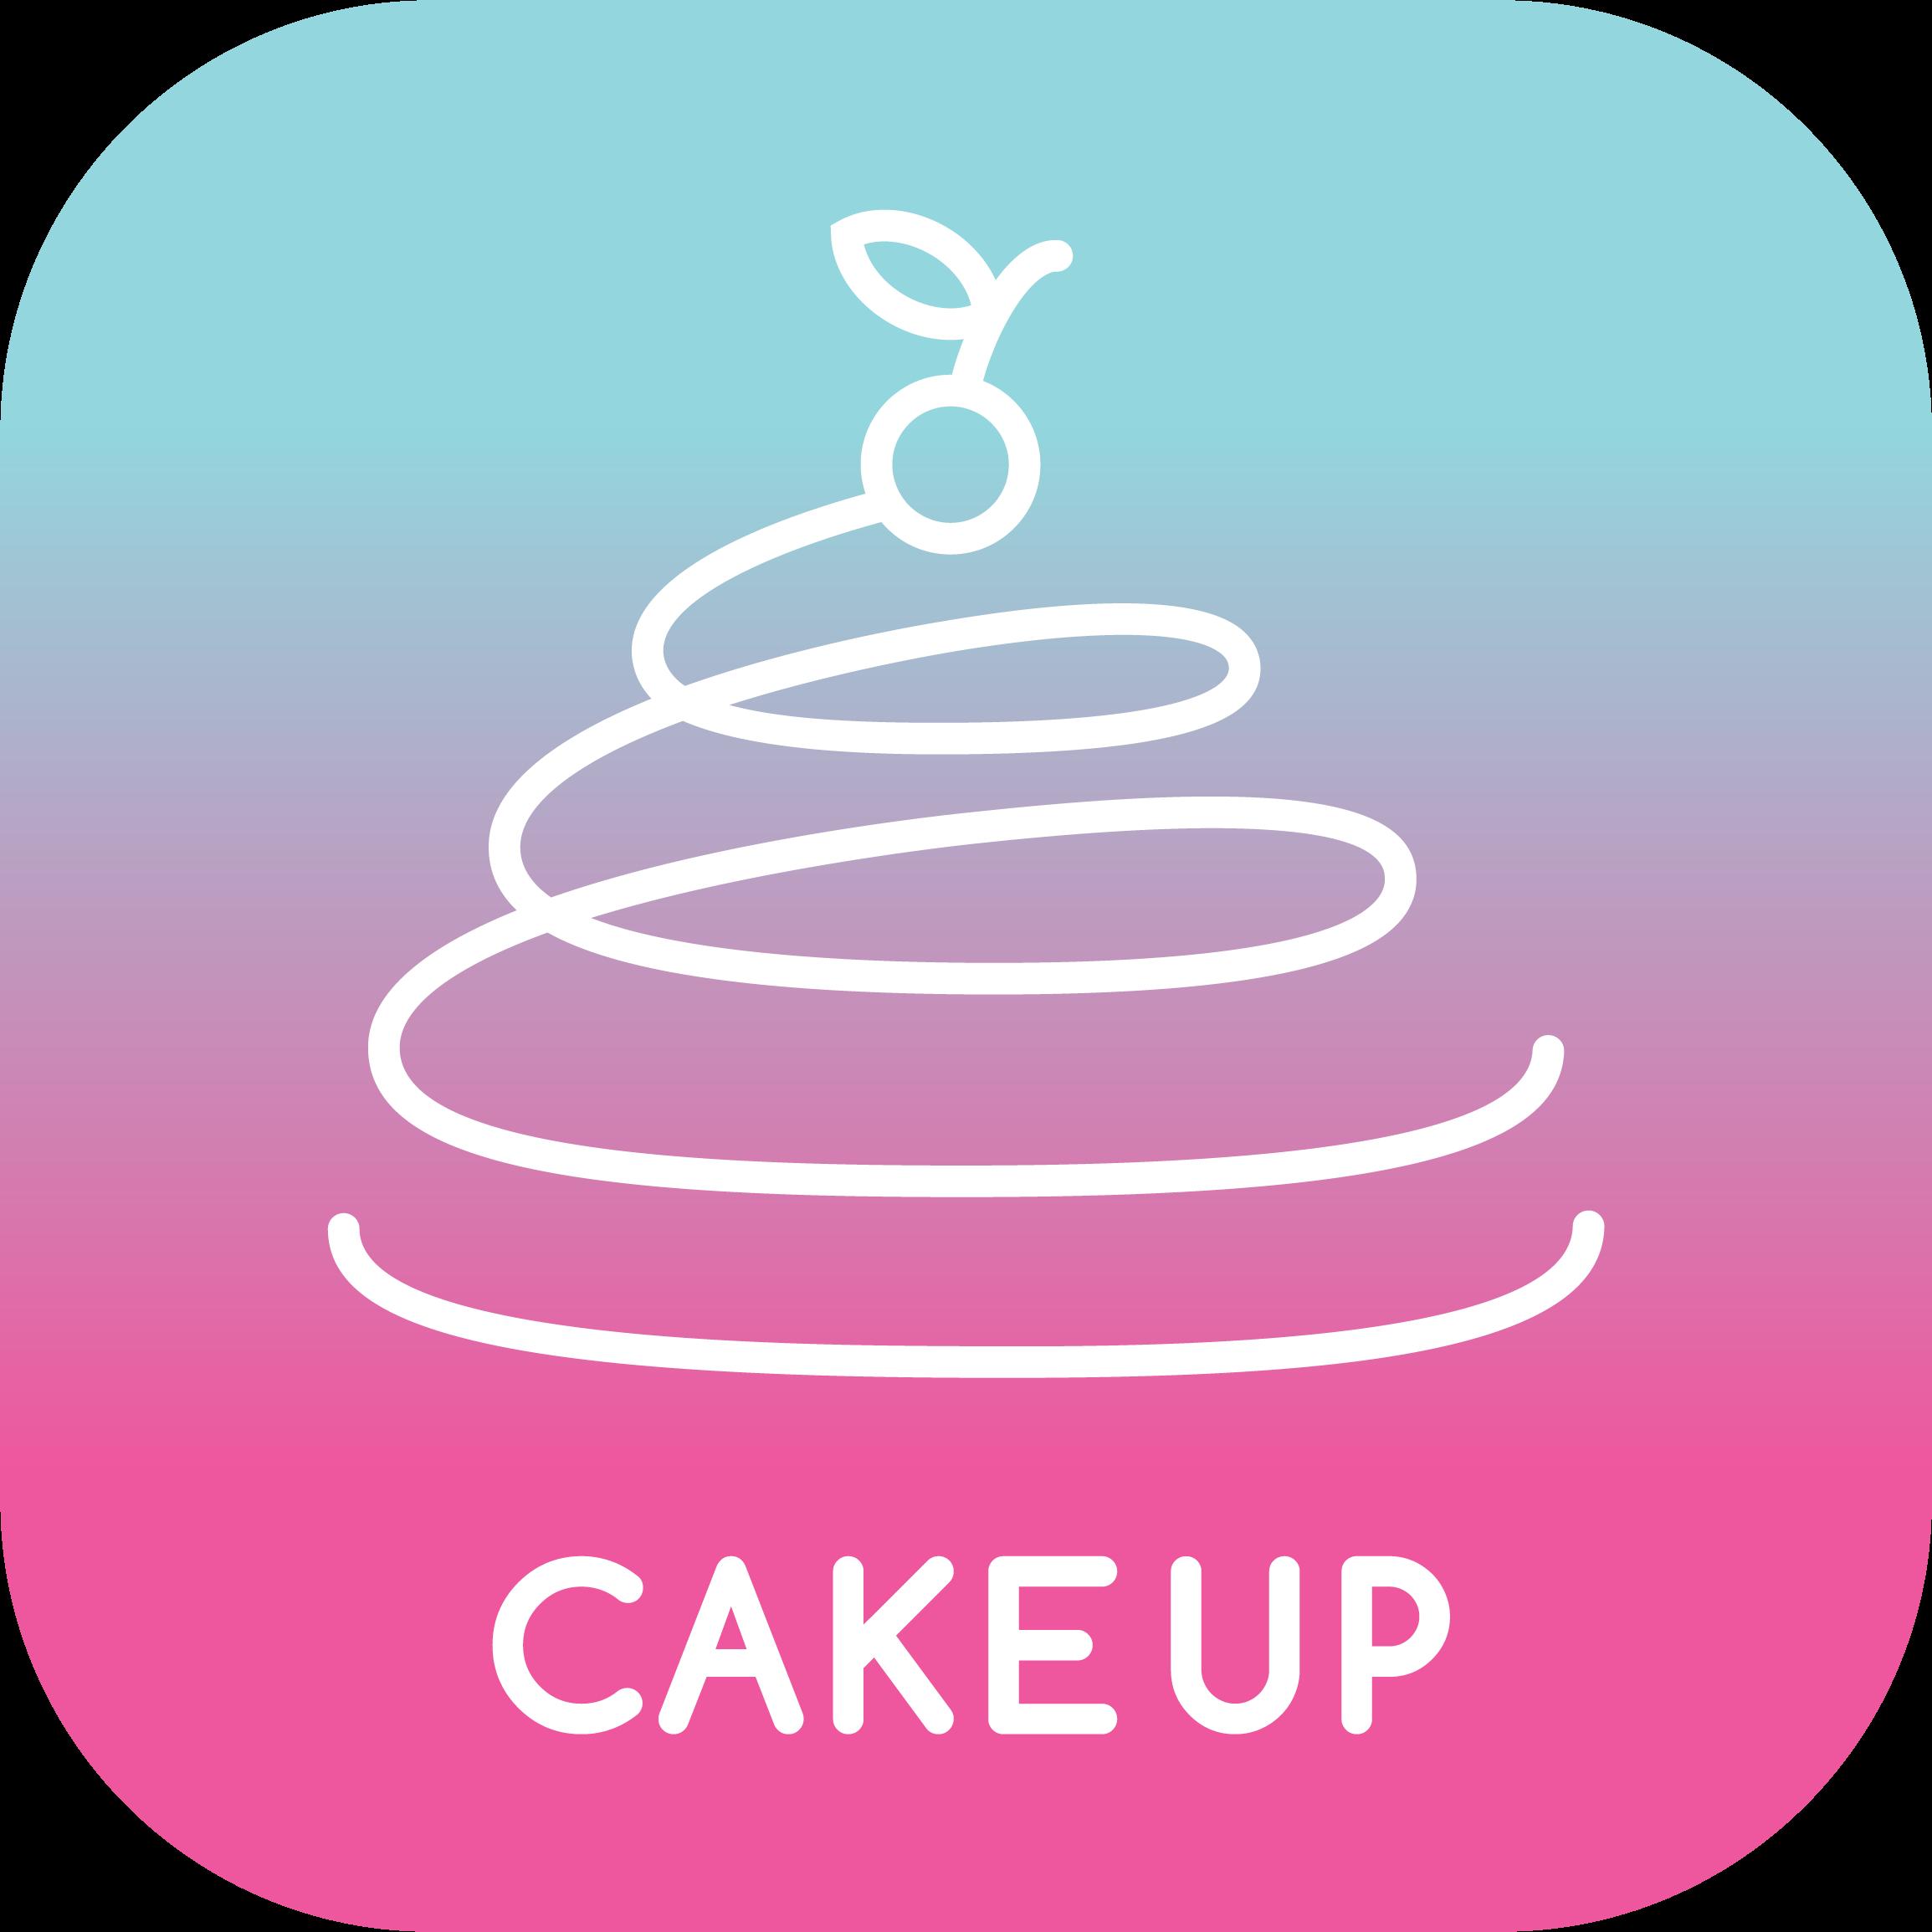 Cakeup